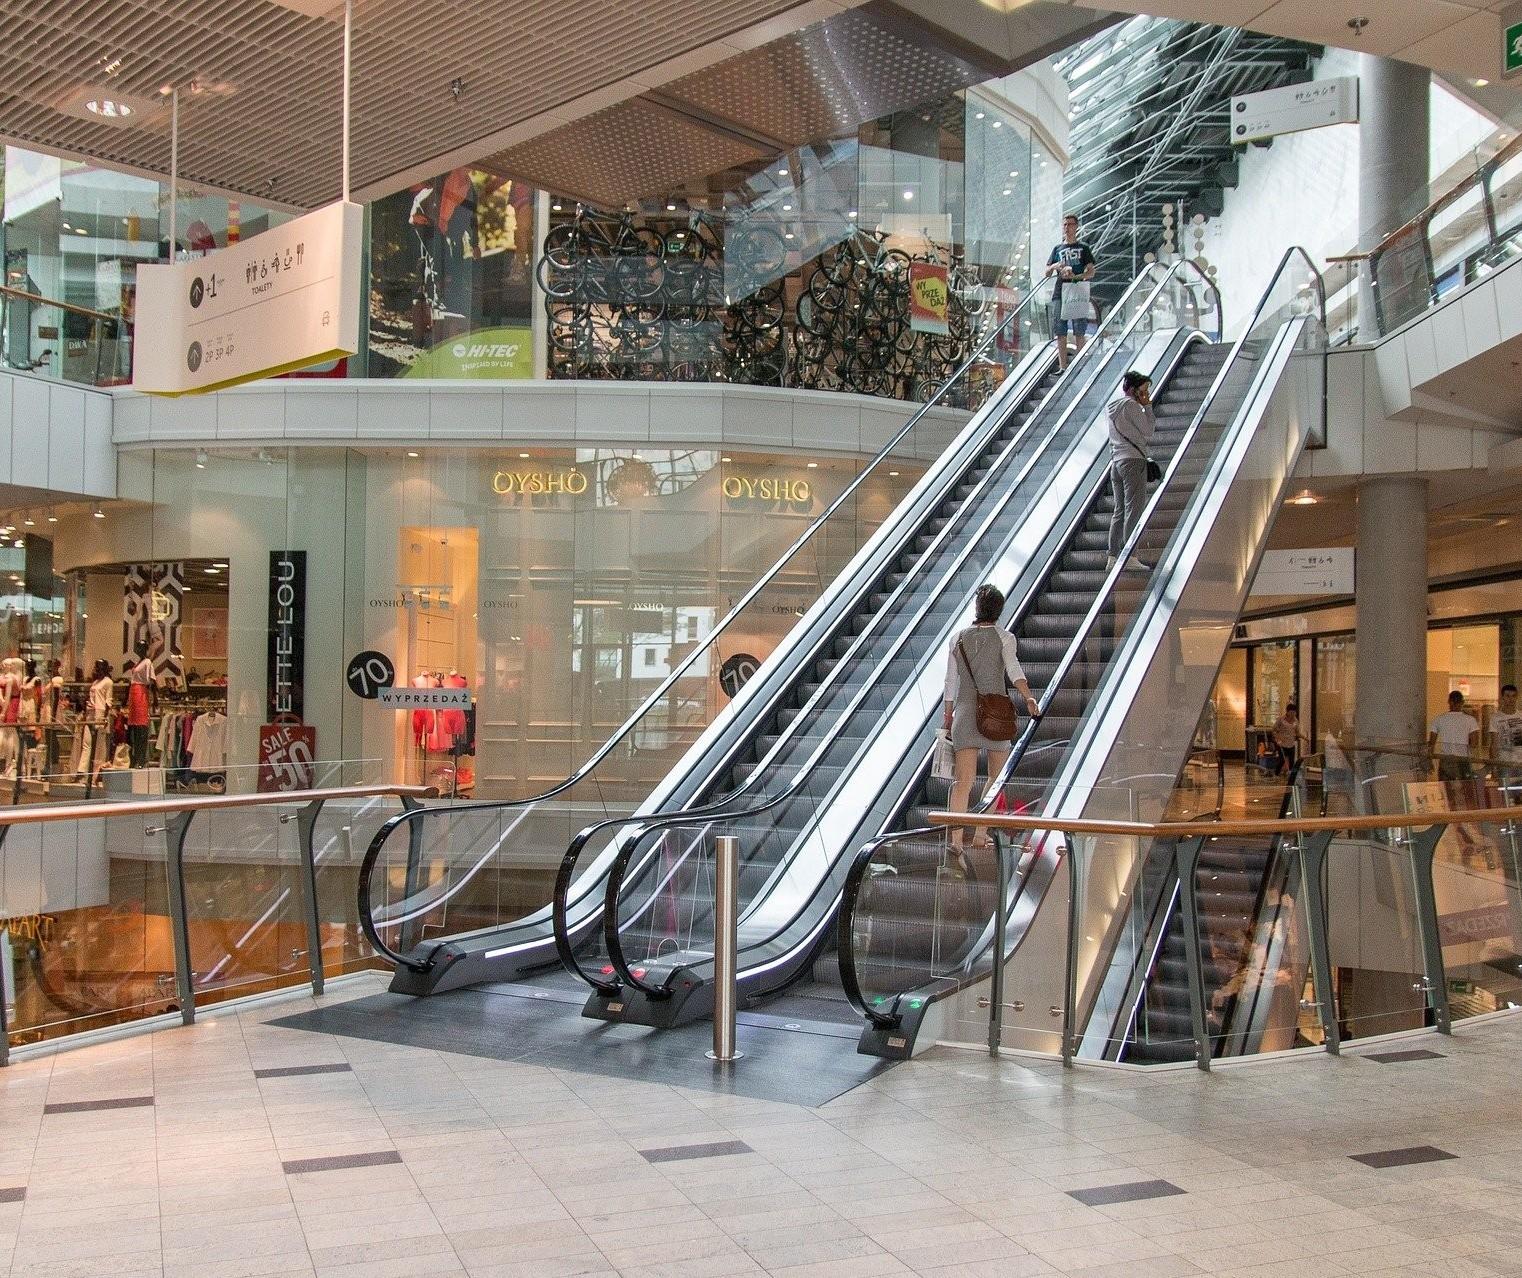 Shoppings estão sendo discriminados pela política de reabertura gradual do comércio